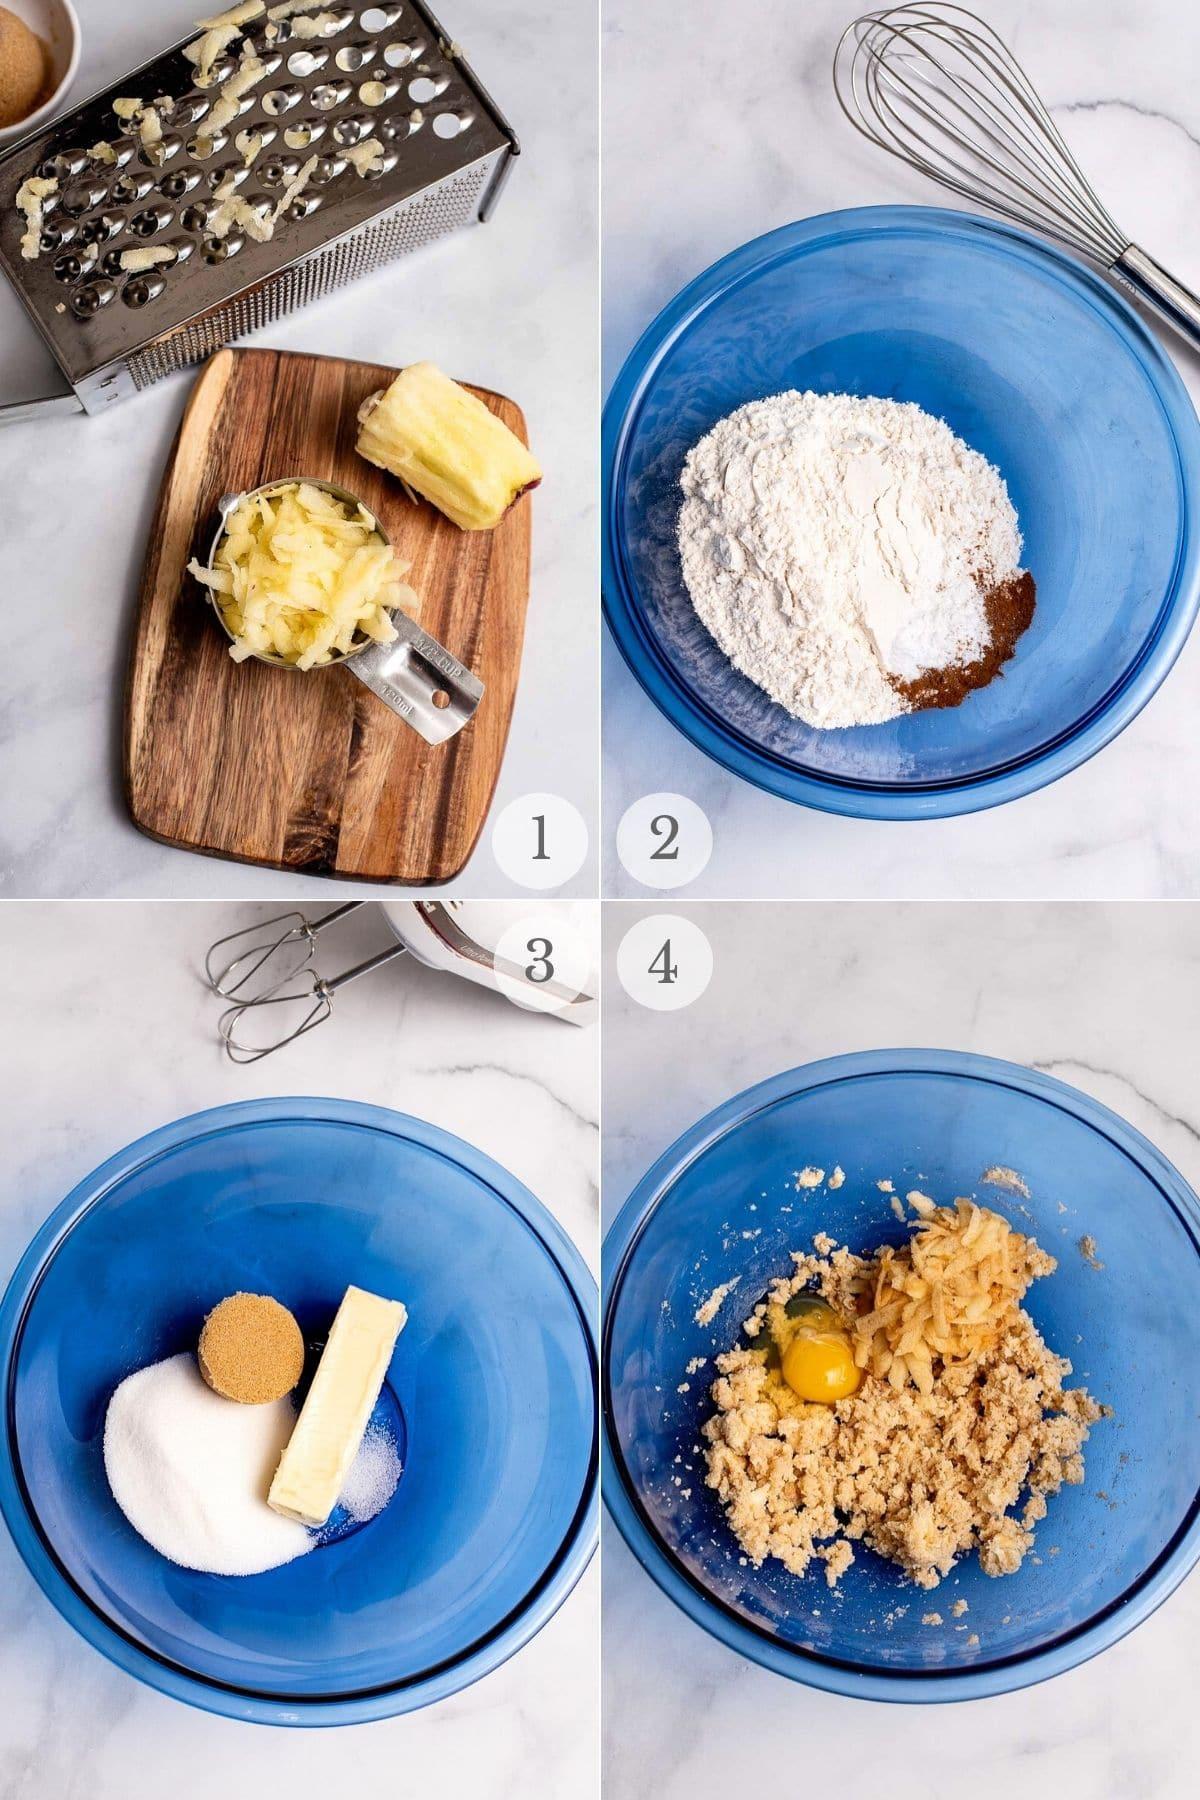 apple cookies recipe steps 1-4